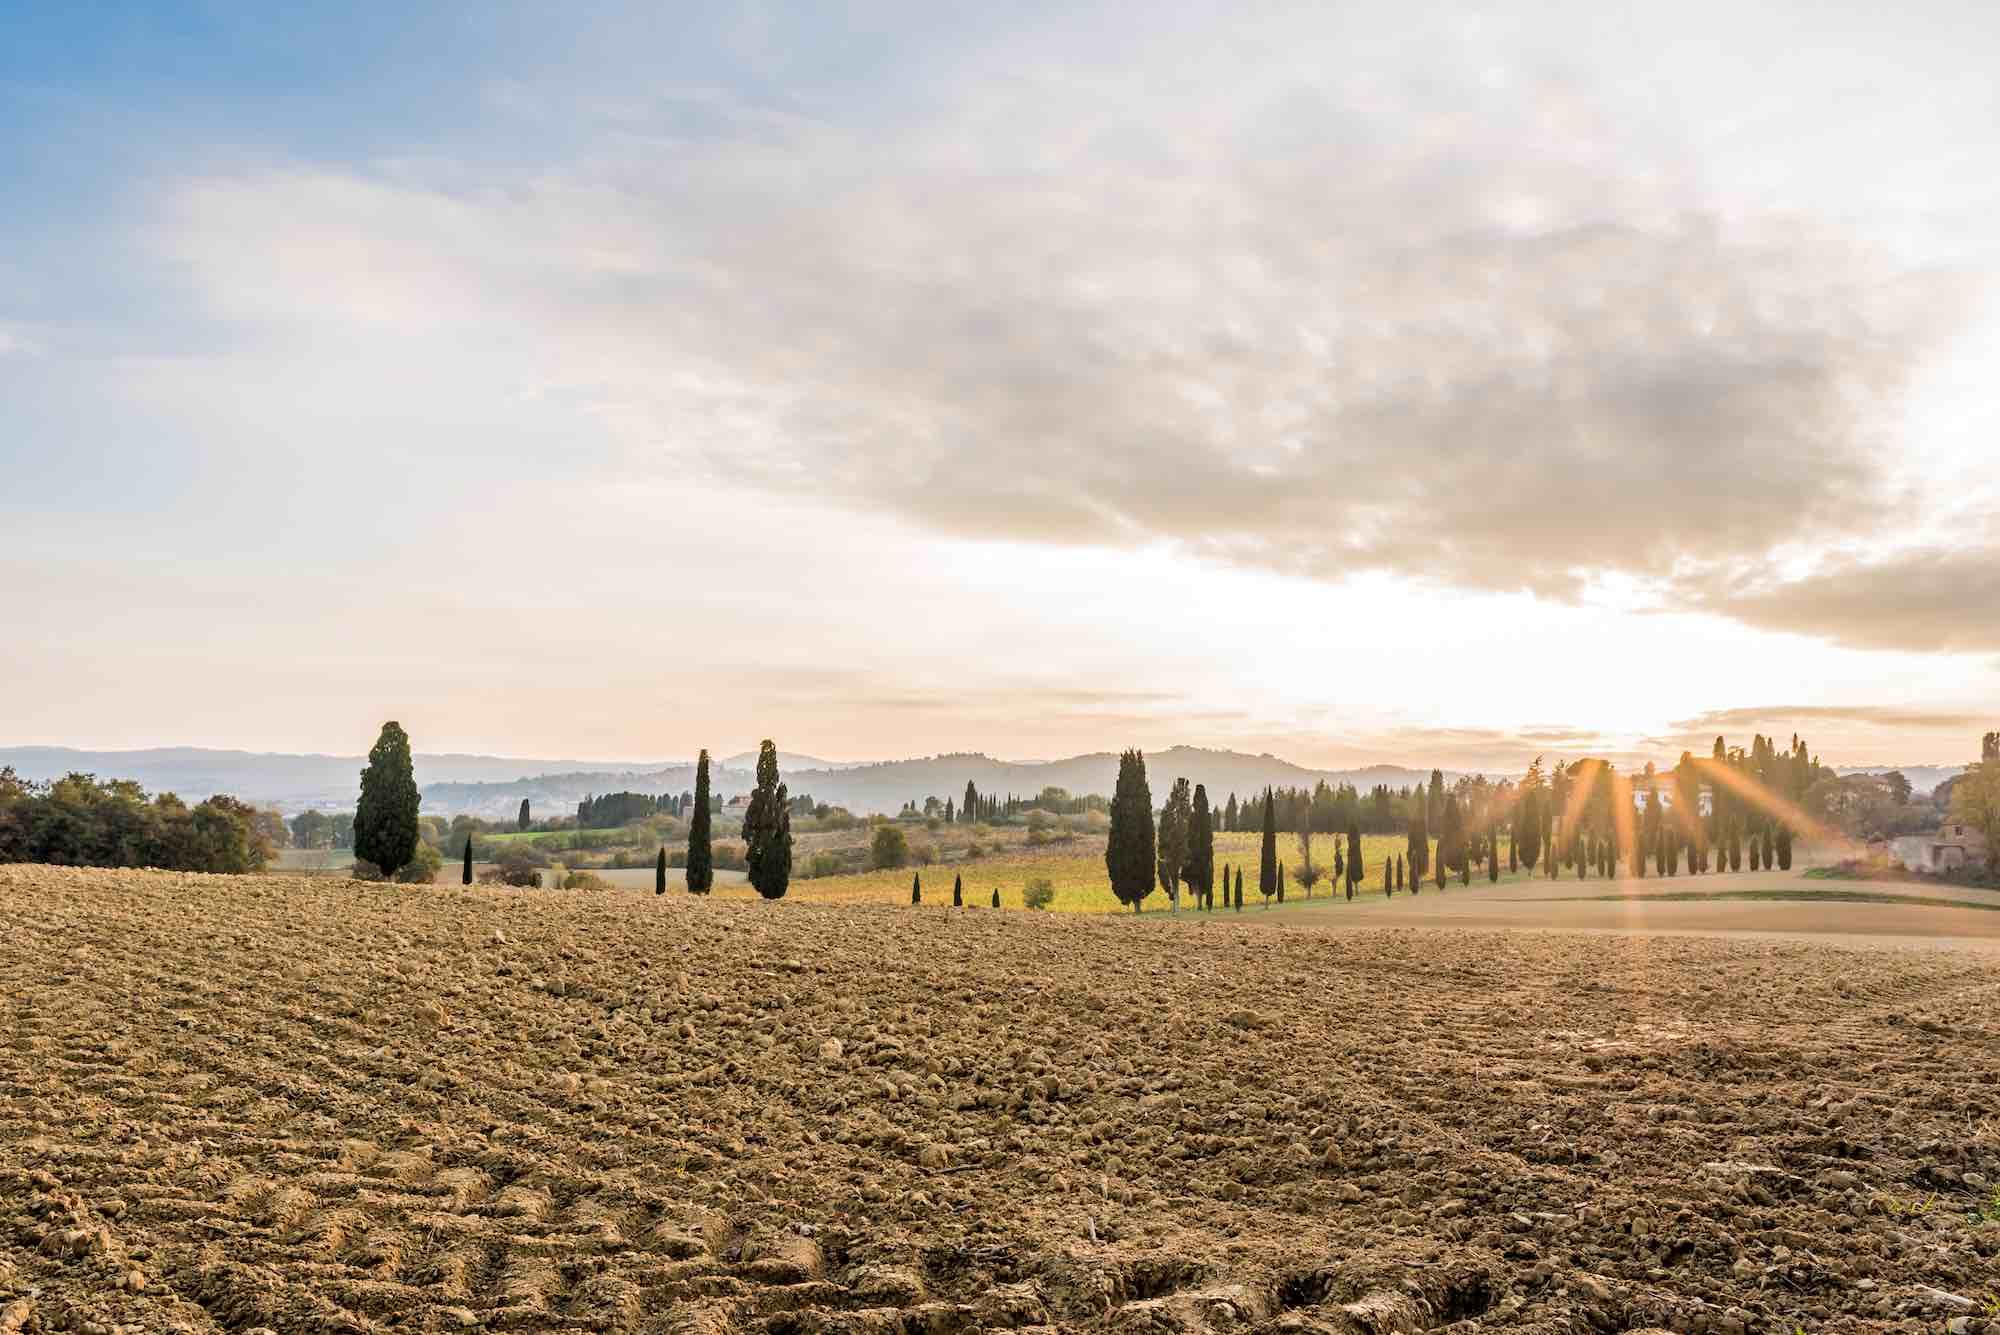 Tramonto in Valdichiana, nelle campagne vicino al borgo medievale di Lucignano